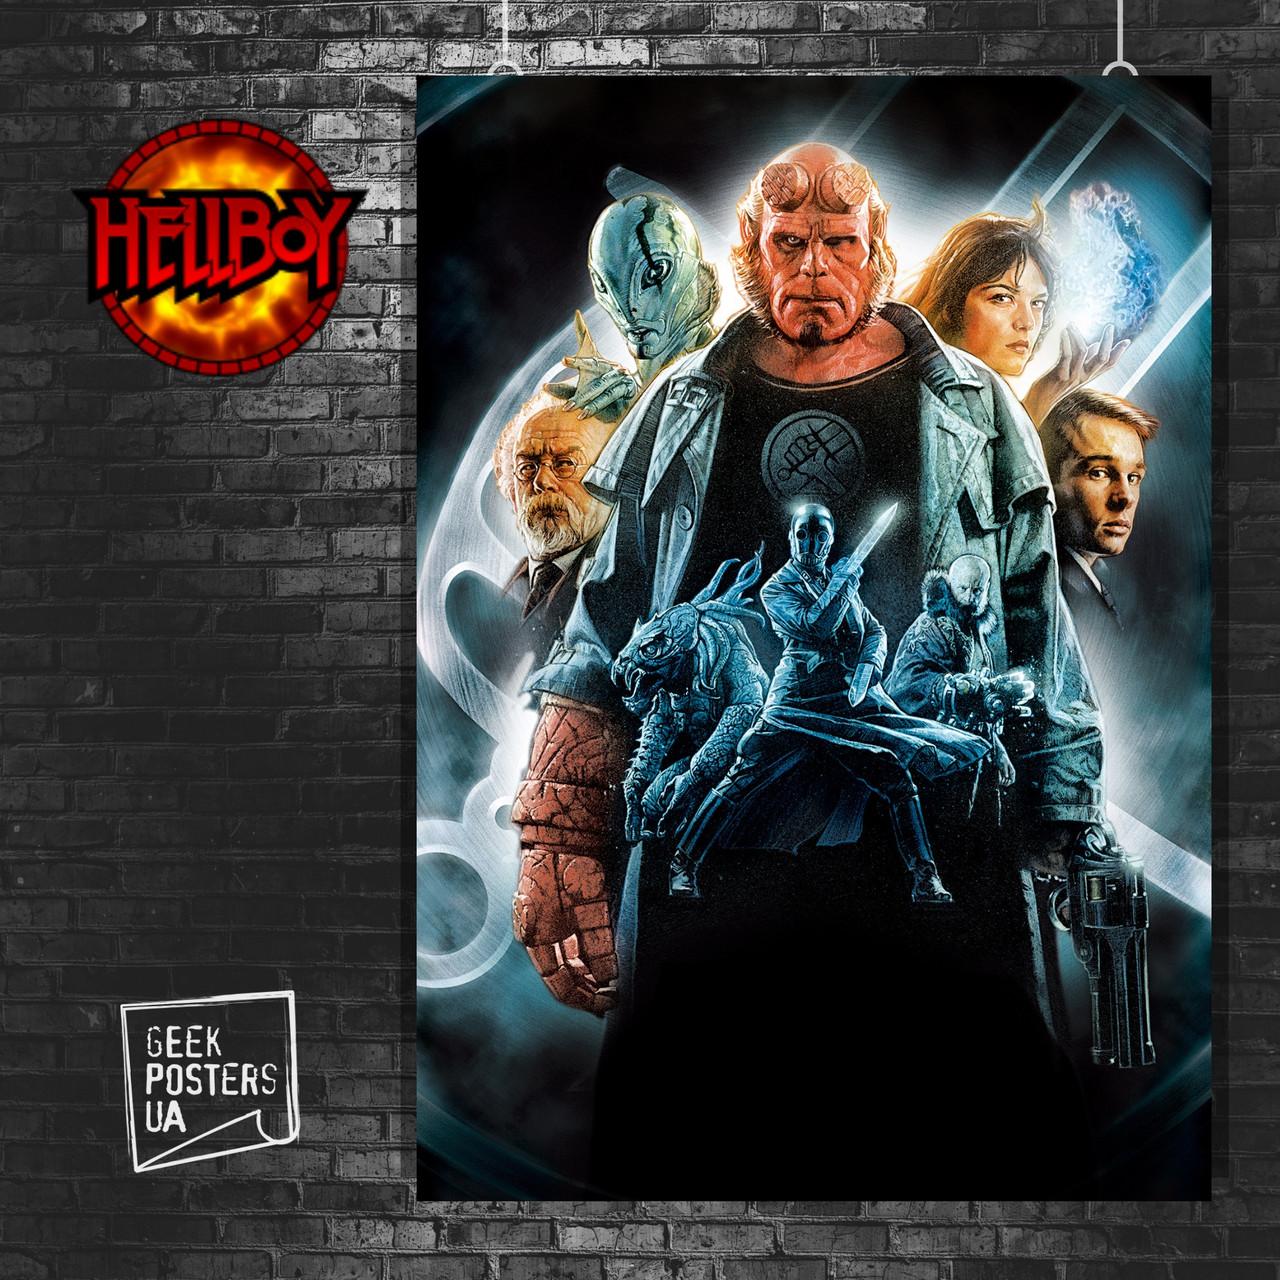 Постер Хеллбой, Hellboy. Размер 60x42см (A2). Глянцевая бумага